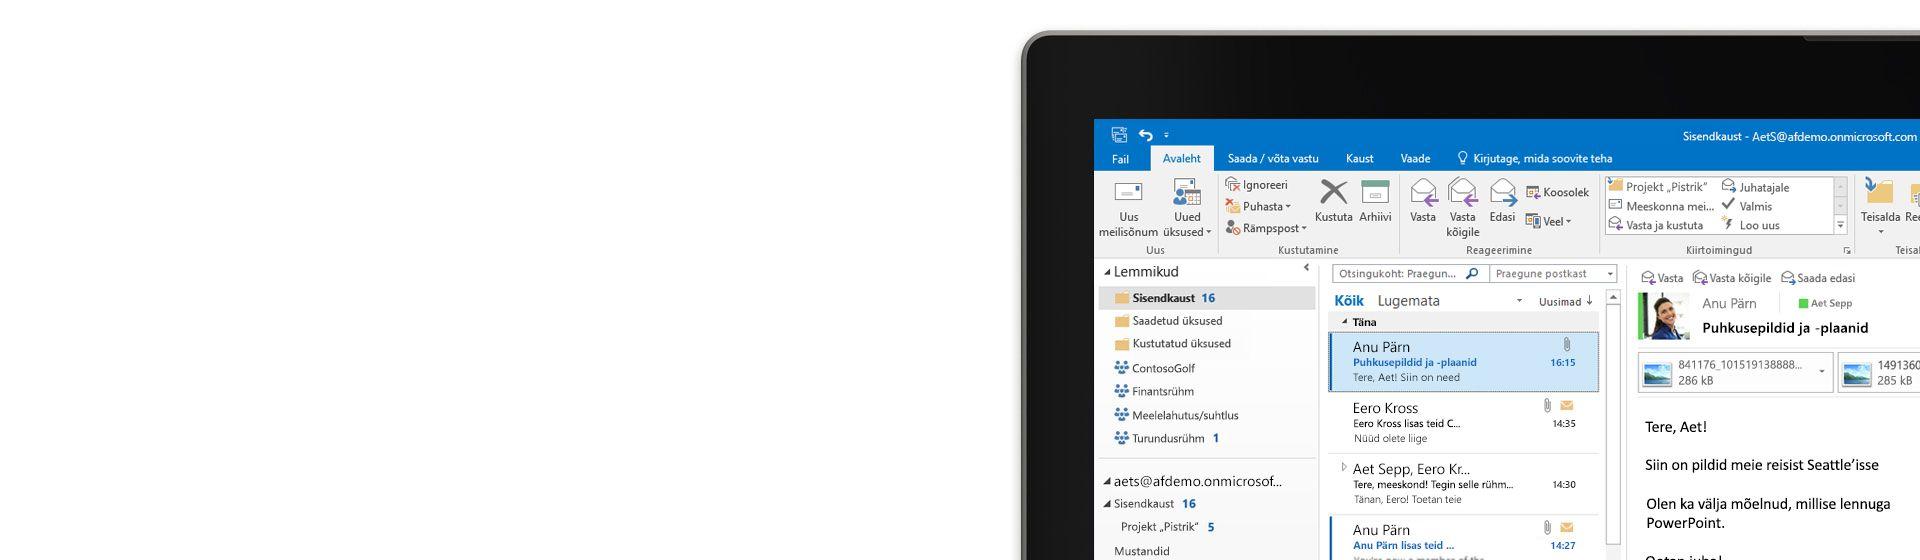 Microsoft Outlook tahvelarvutis, avatud on sõnumi eelvaate aken